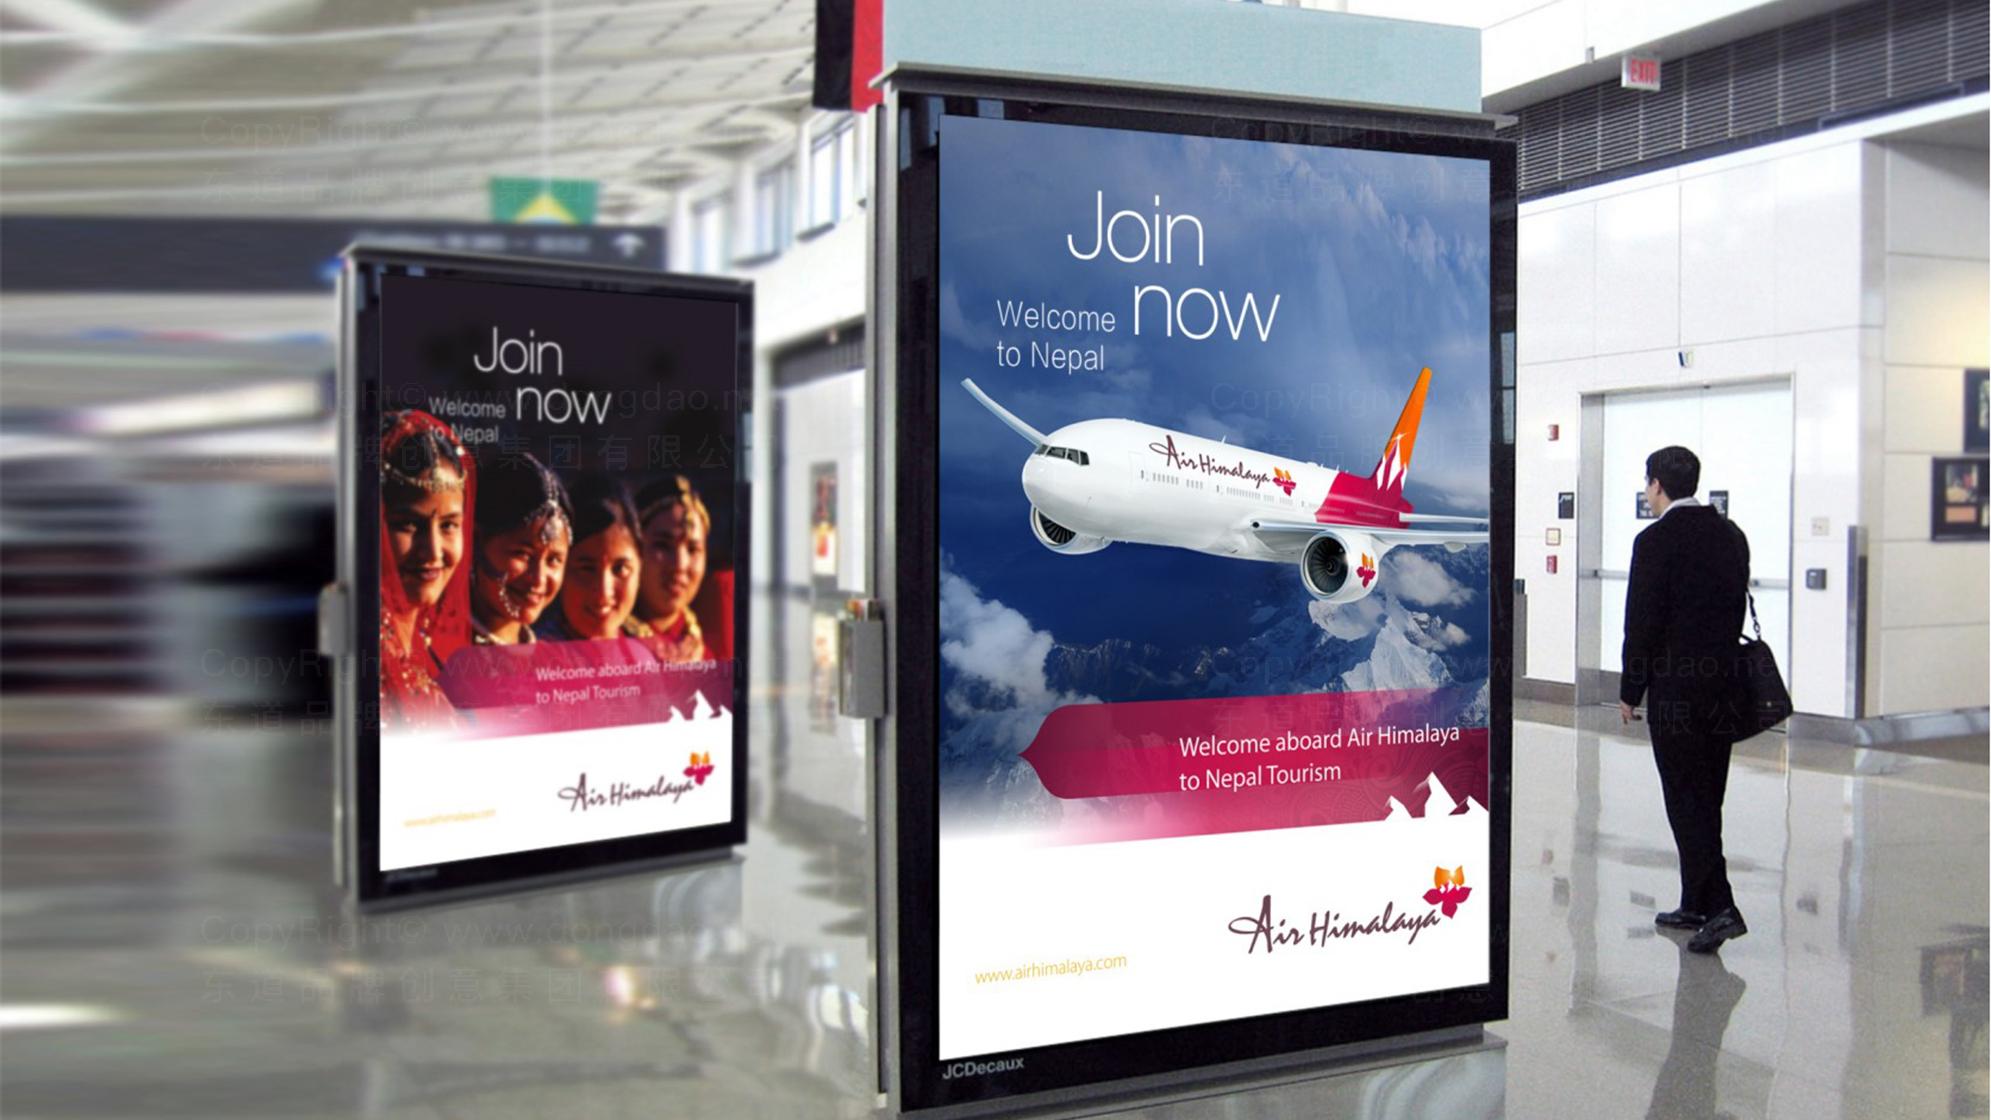 品牌设计喜马拉雅航空设计方案应用场景_2